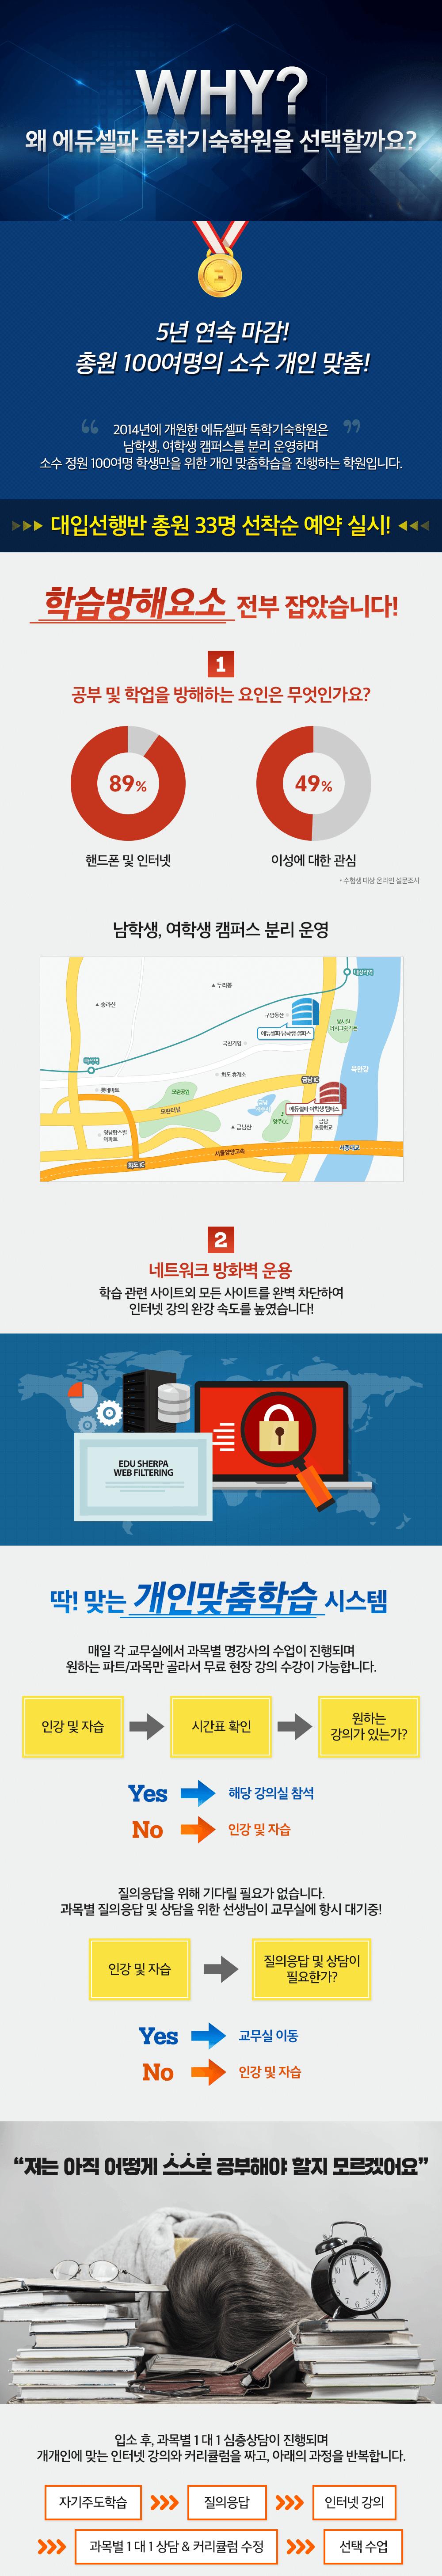 에듀셀파 독학기숙학원 2020학년도 선행반 소개1